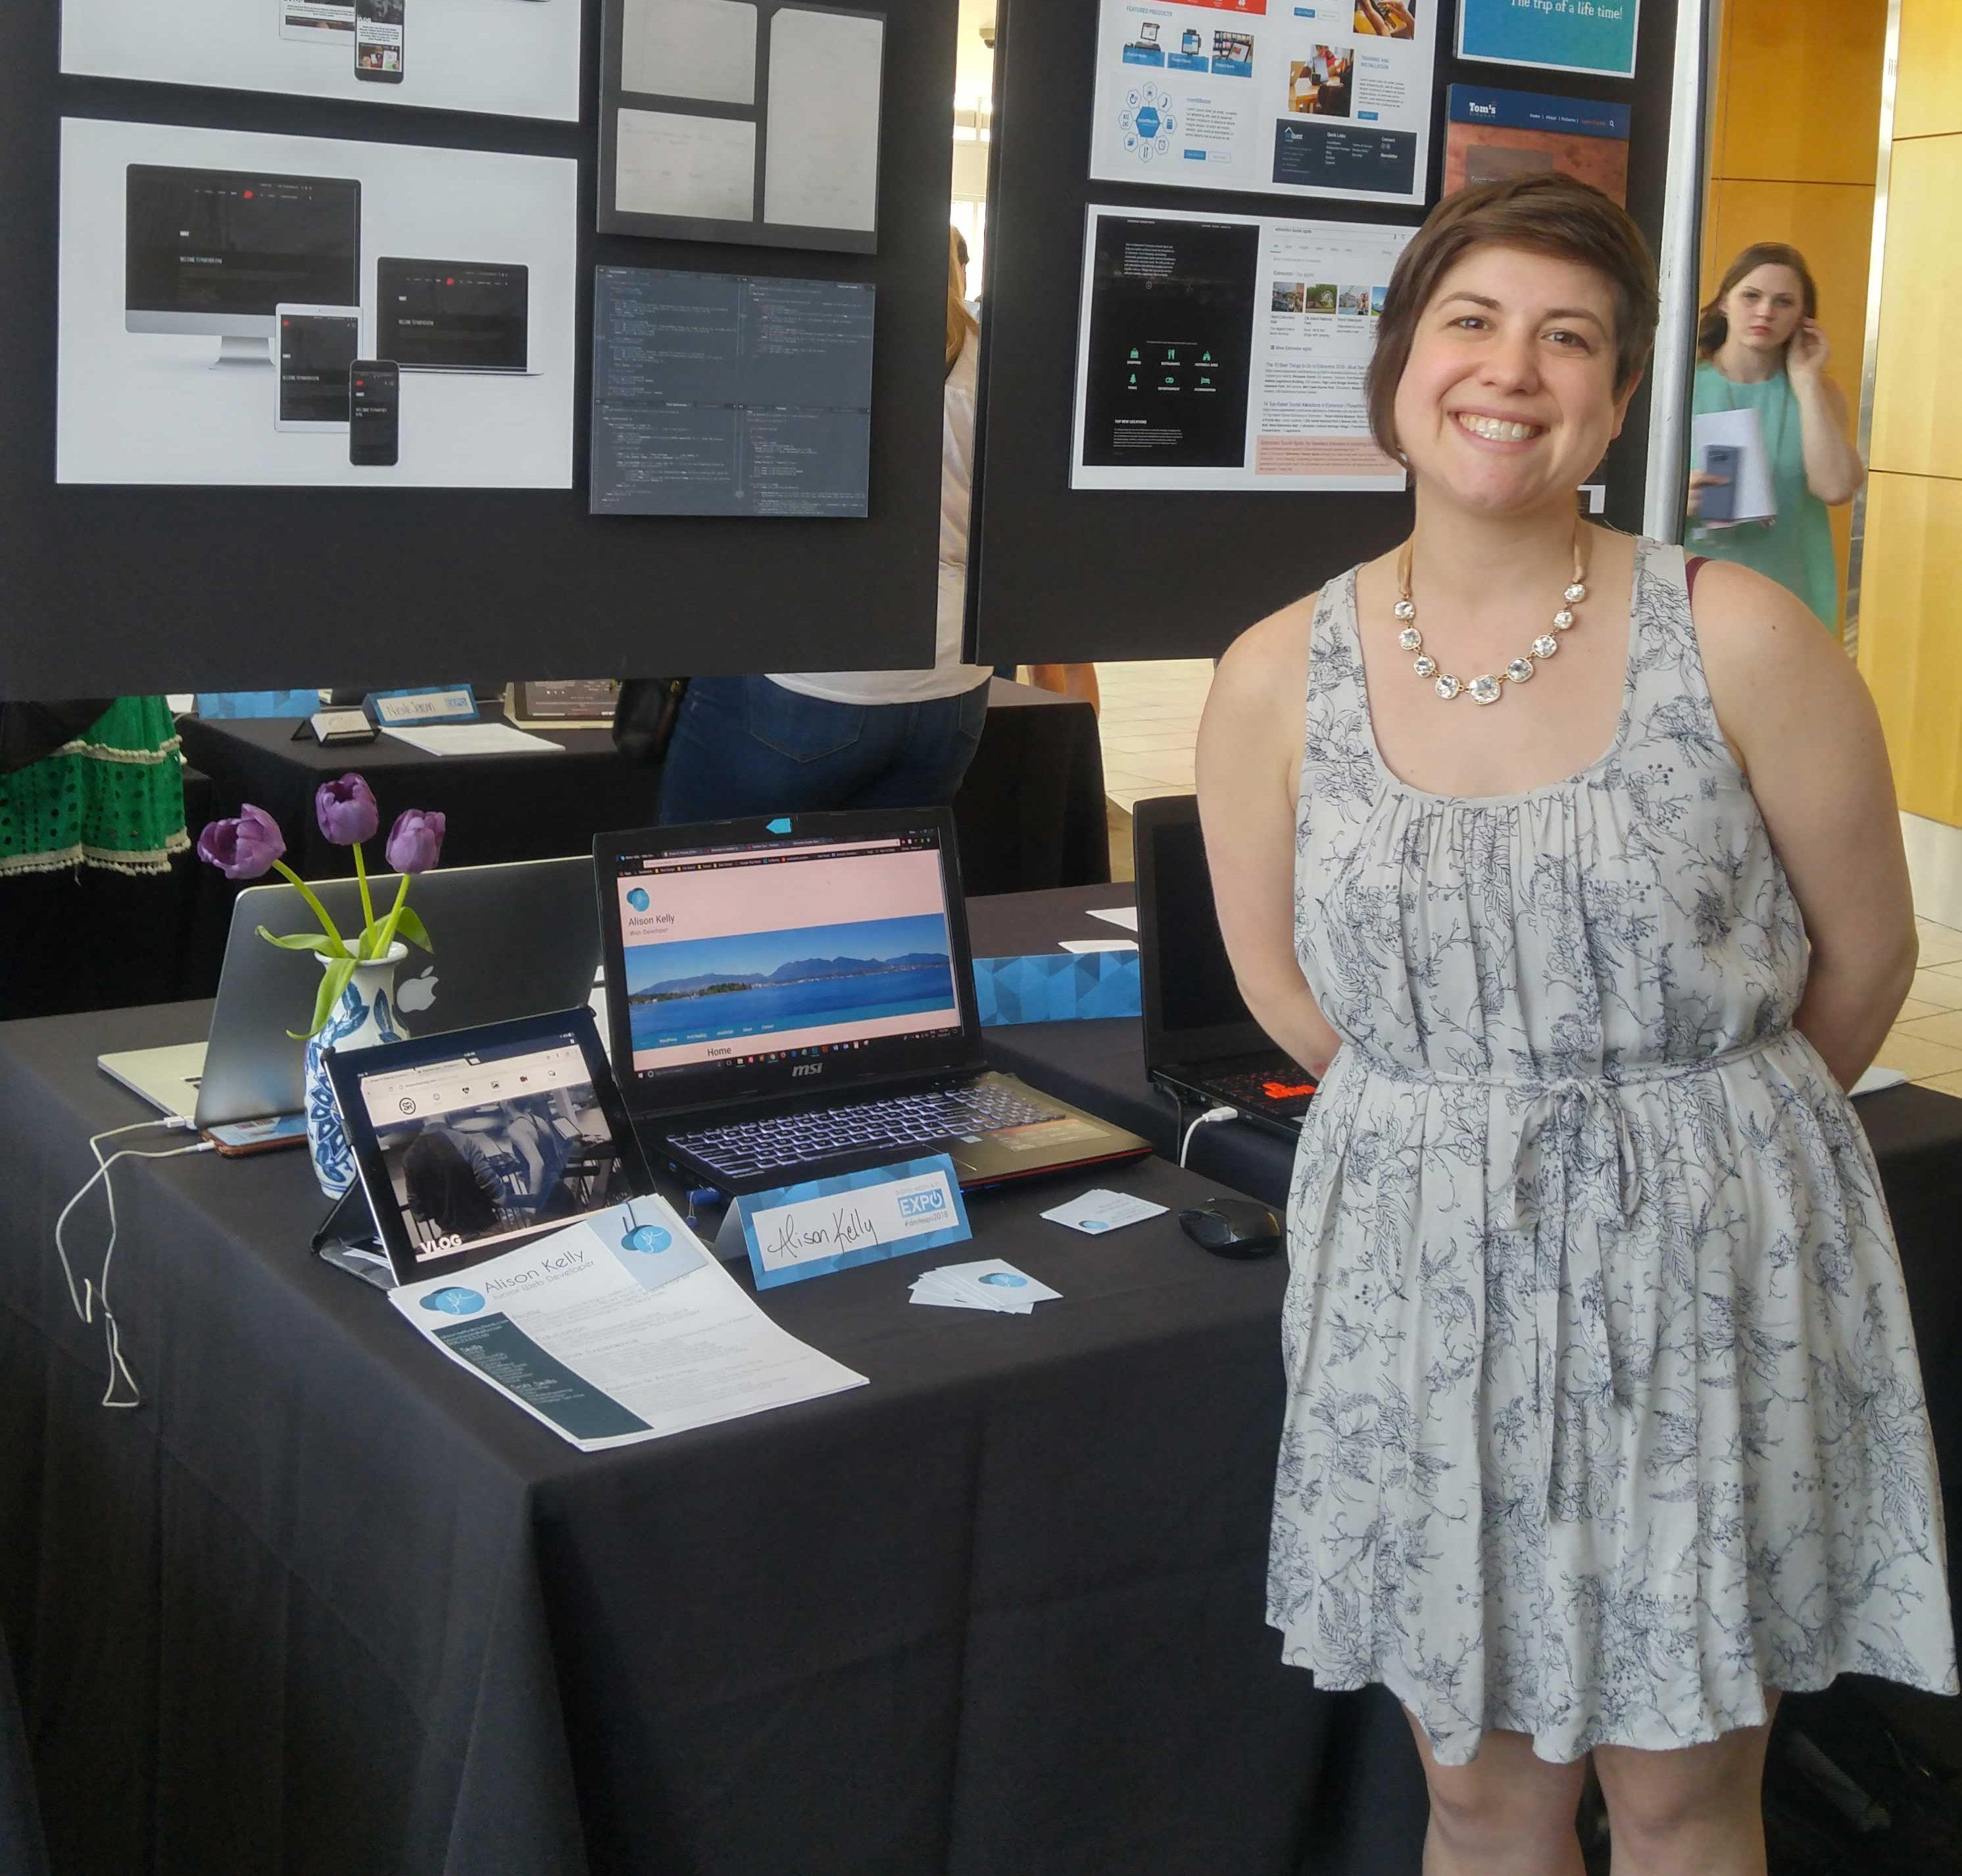 My display at the NAIT Expo 2018